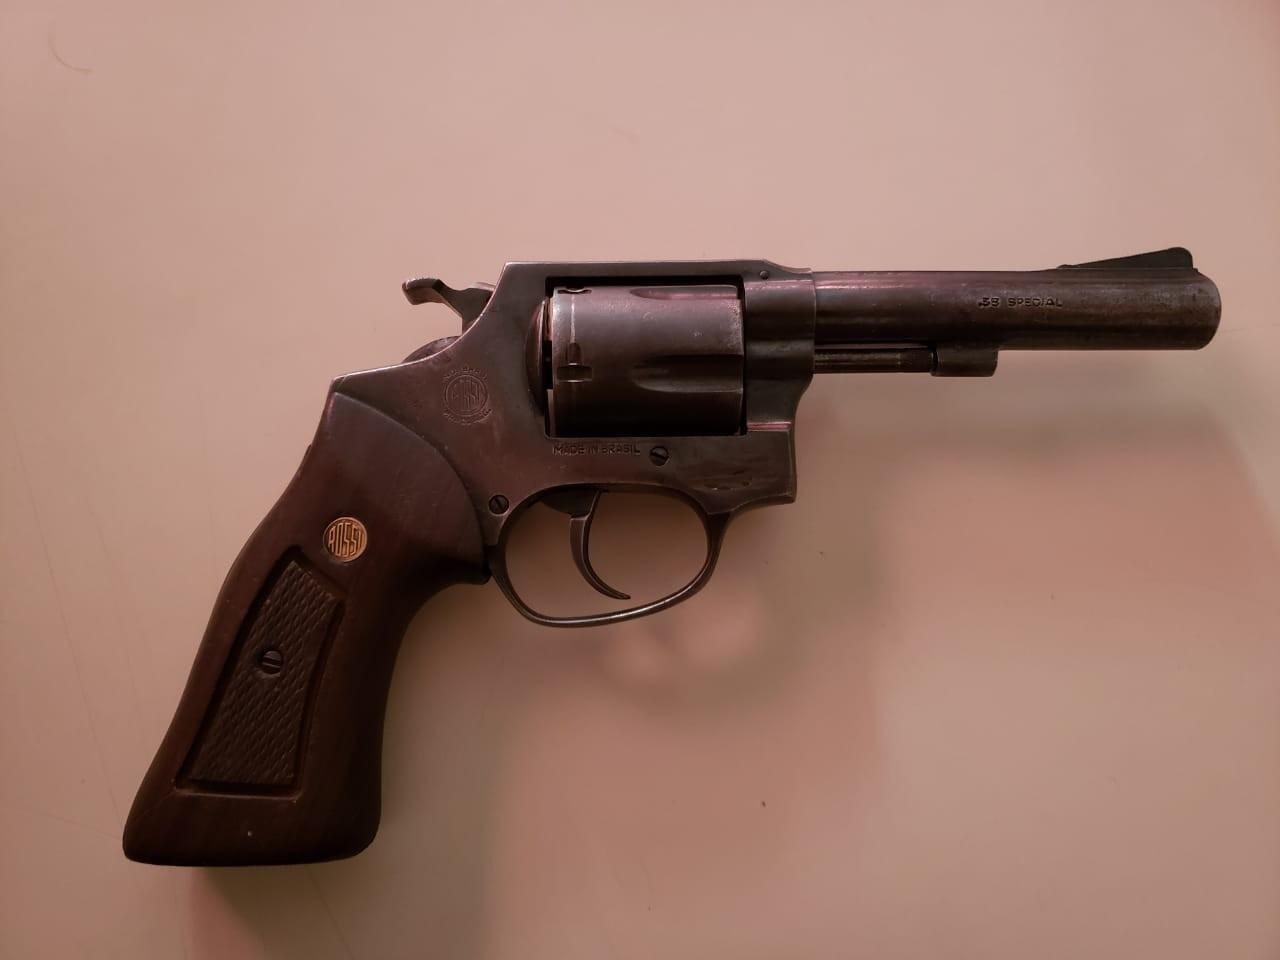 A arma utilizada pelo jovem é um revólver calibre 38 - PM/ND